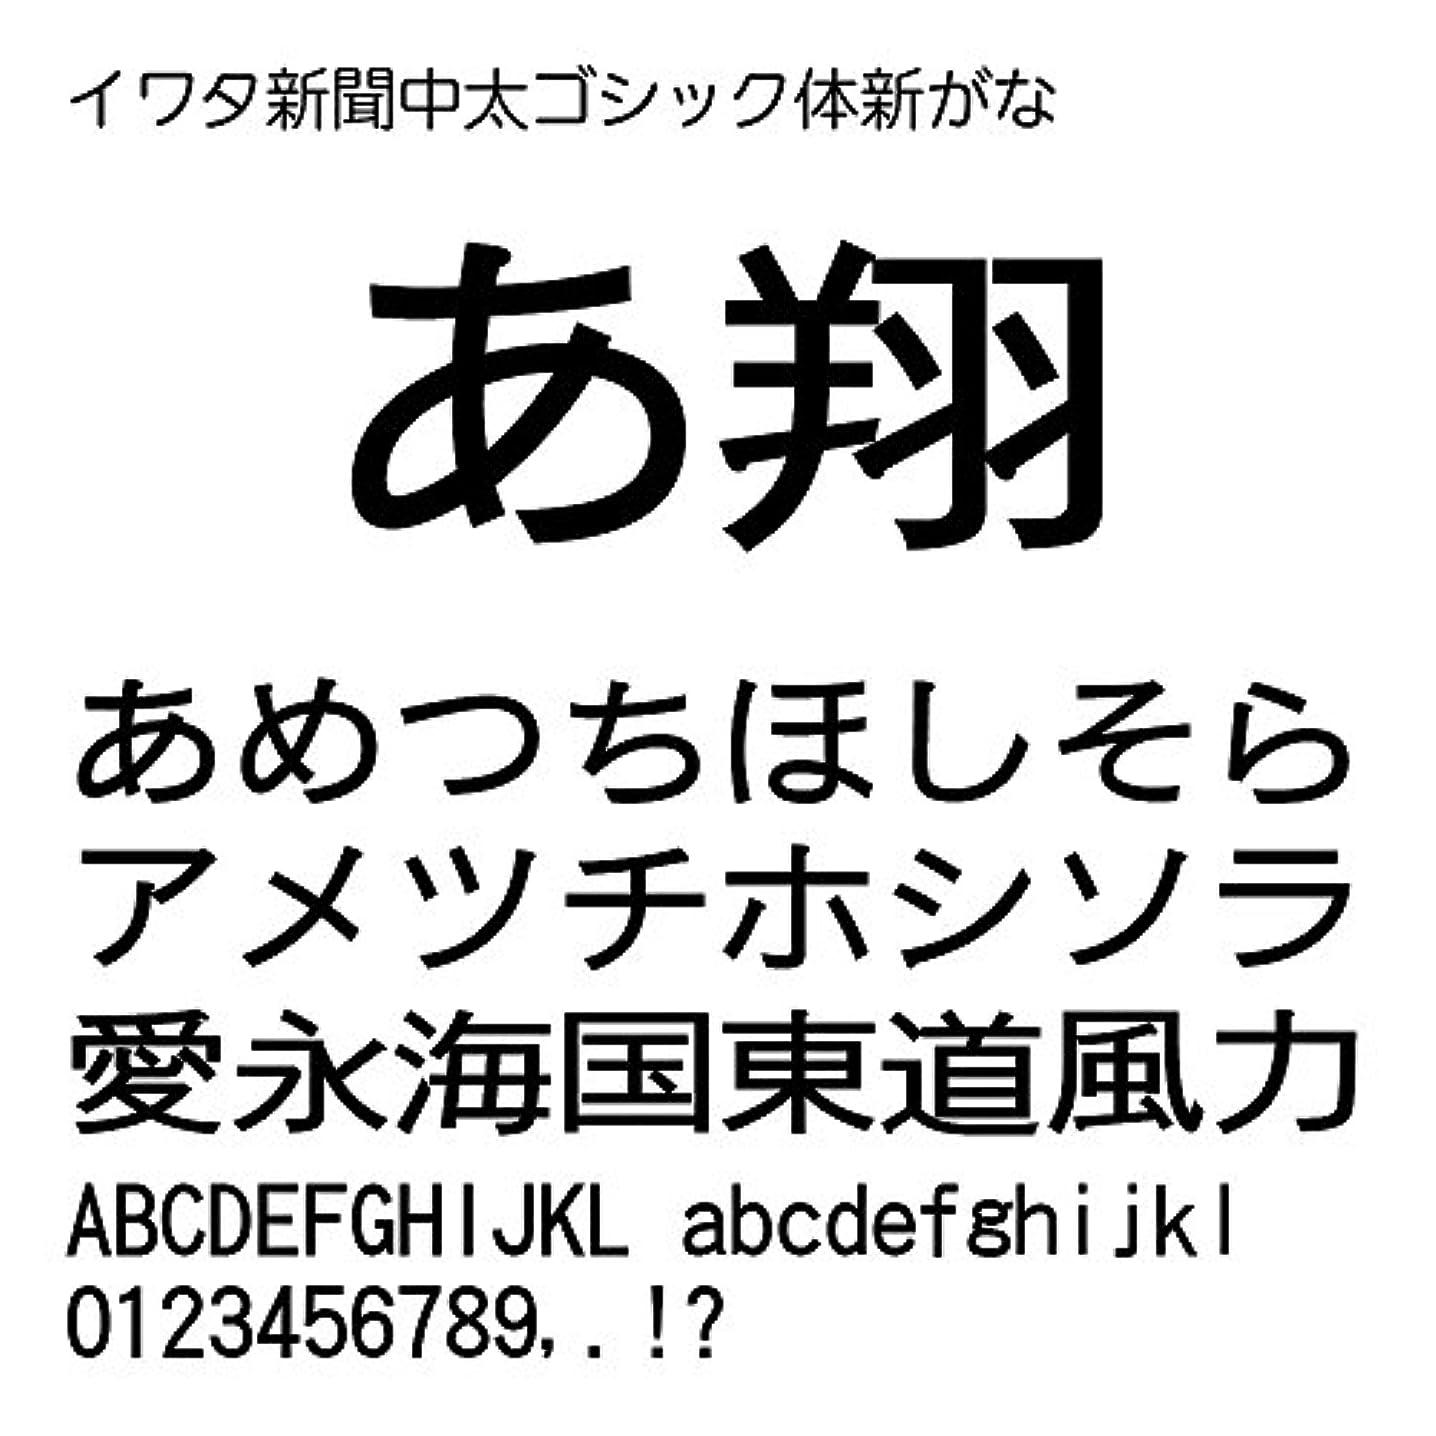 マトンヘビー包帯イワタ新聞中太ゴシック体新がな TrueType Font for Windows [ダウンロード]